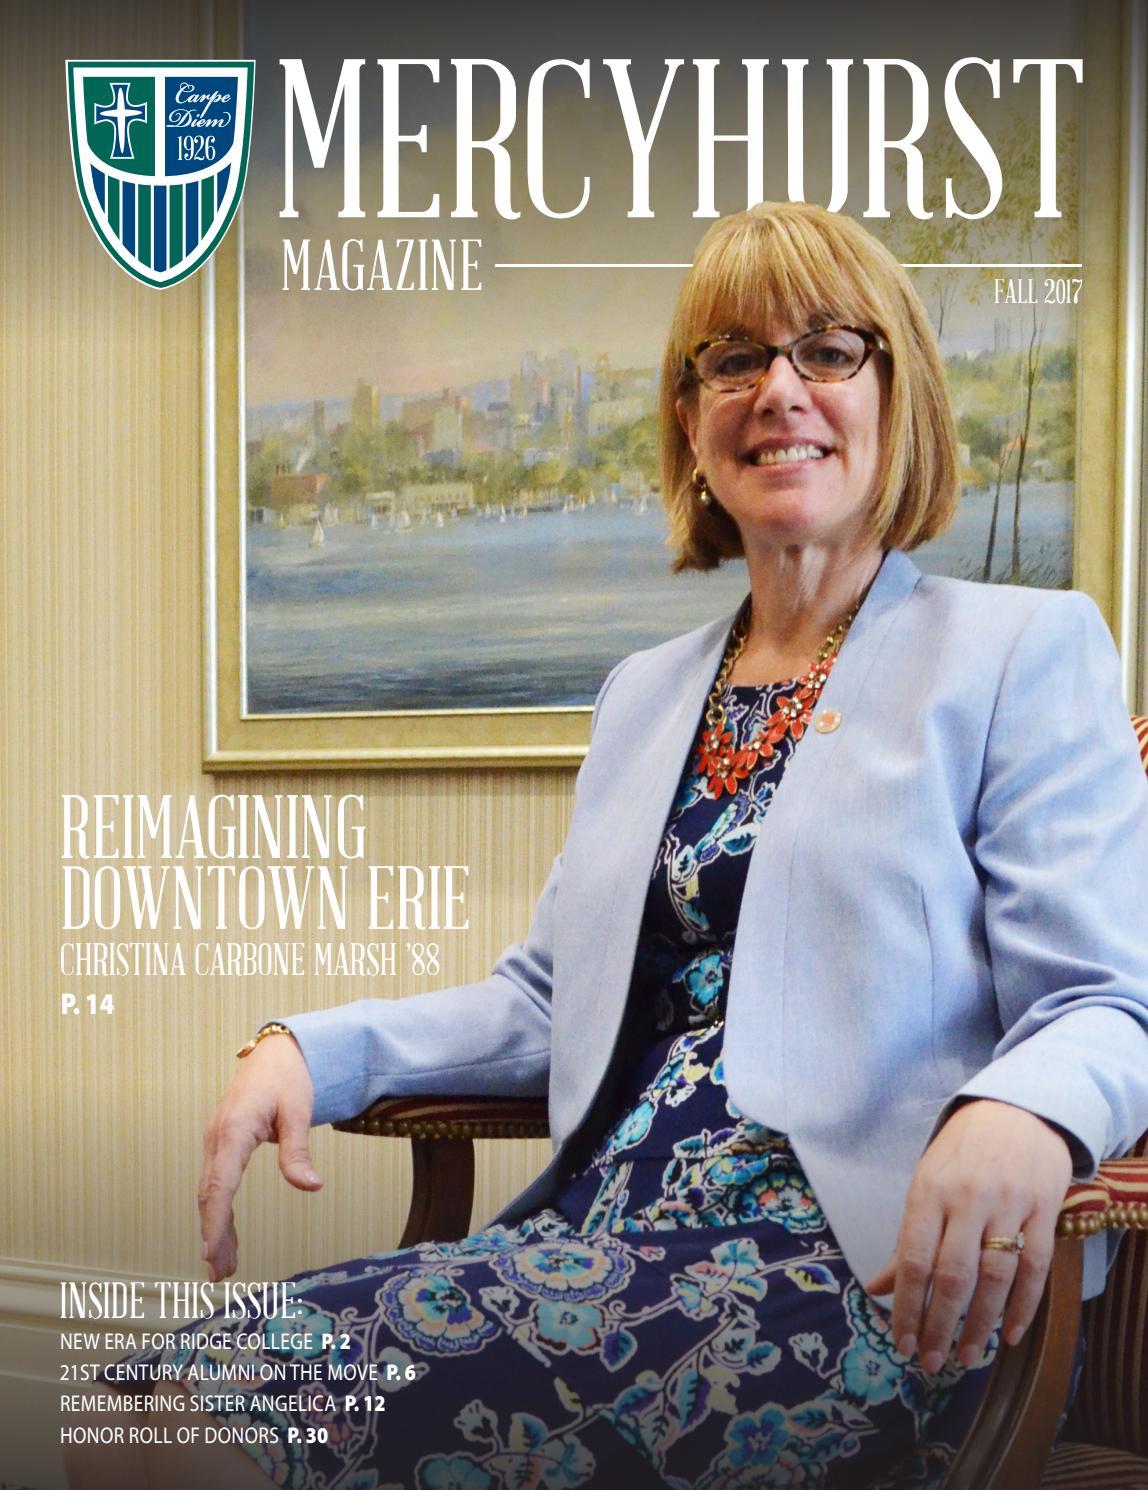 Mercyhurst Magazine - Aug. 2017 by MERCYHURST UNIVERSITY